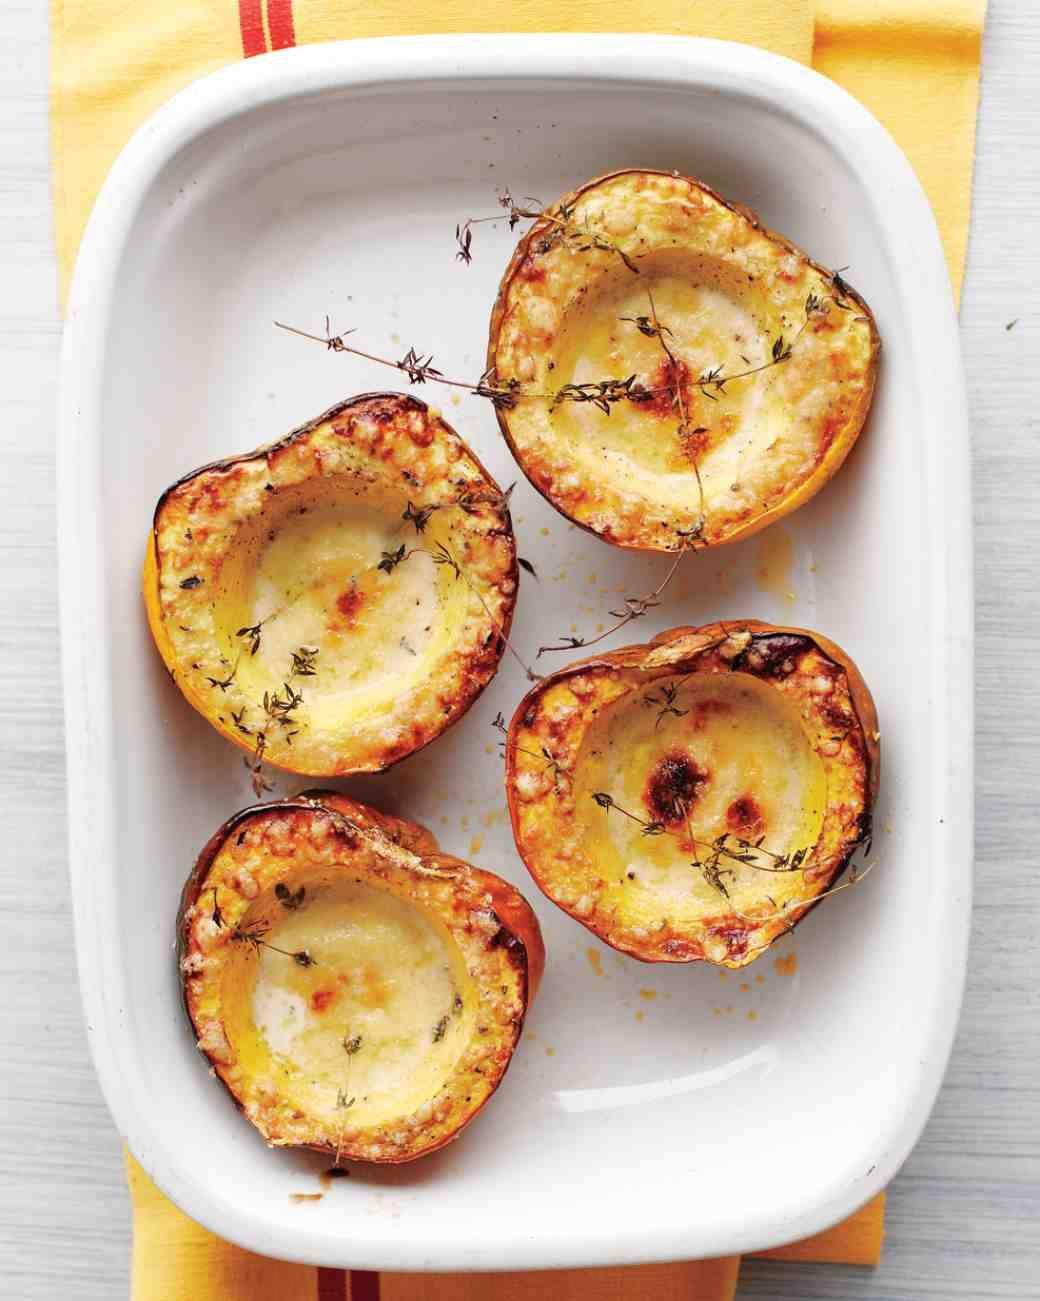 Creamy Baked Acorn Squash Recipe With Images Acorn Squash